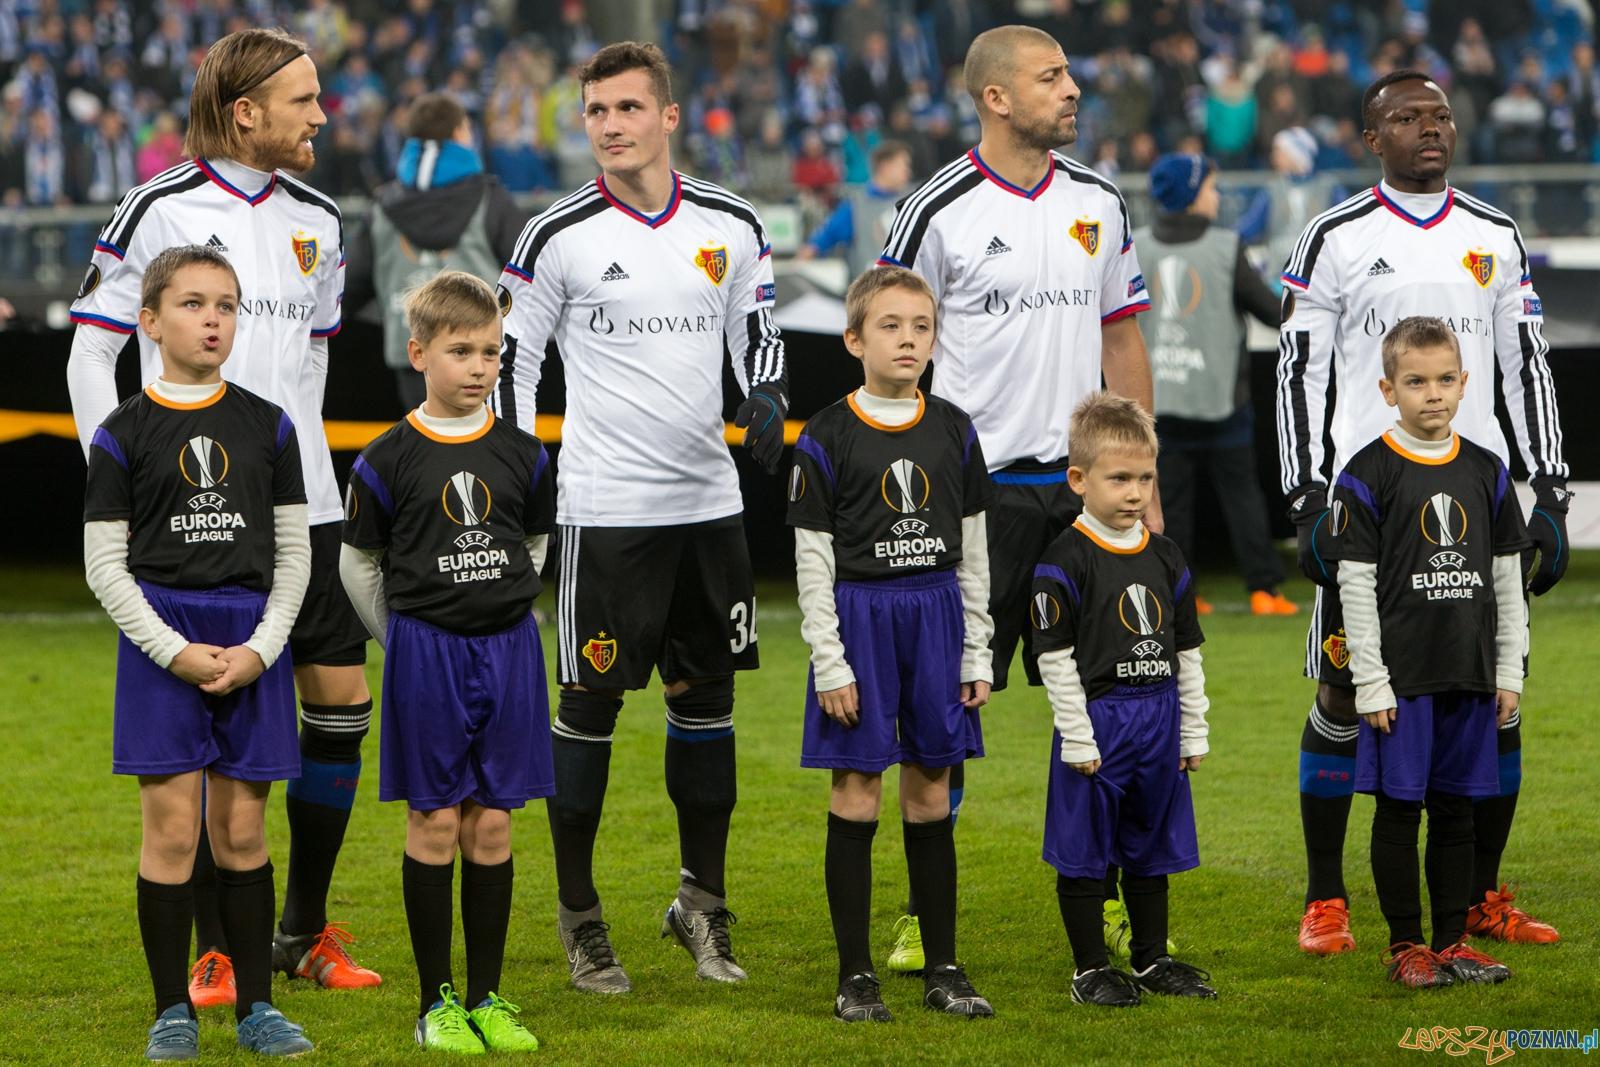 Liga Europy - Lech Poznań - FC Basel  Foto: lepszyPOZNAN.pl / Piotr Rychter